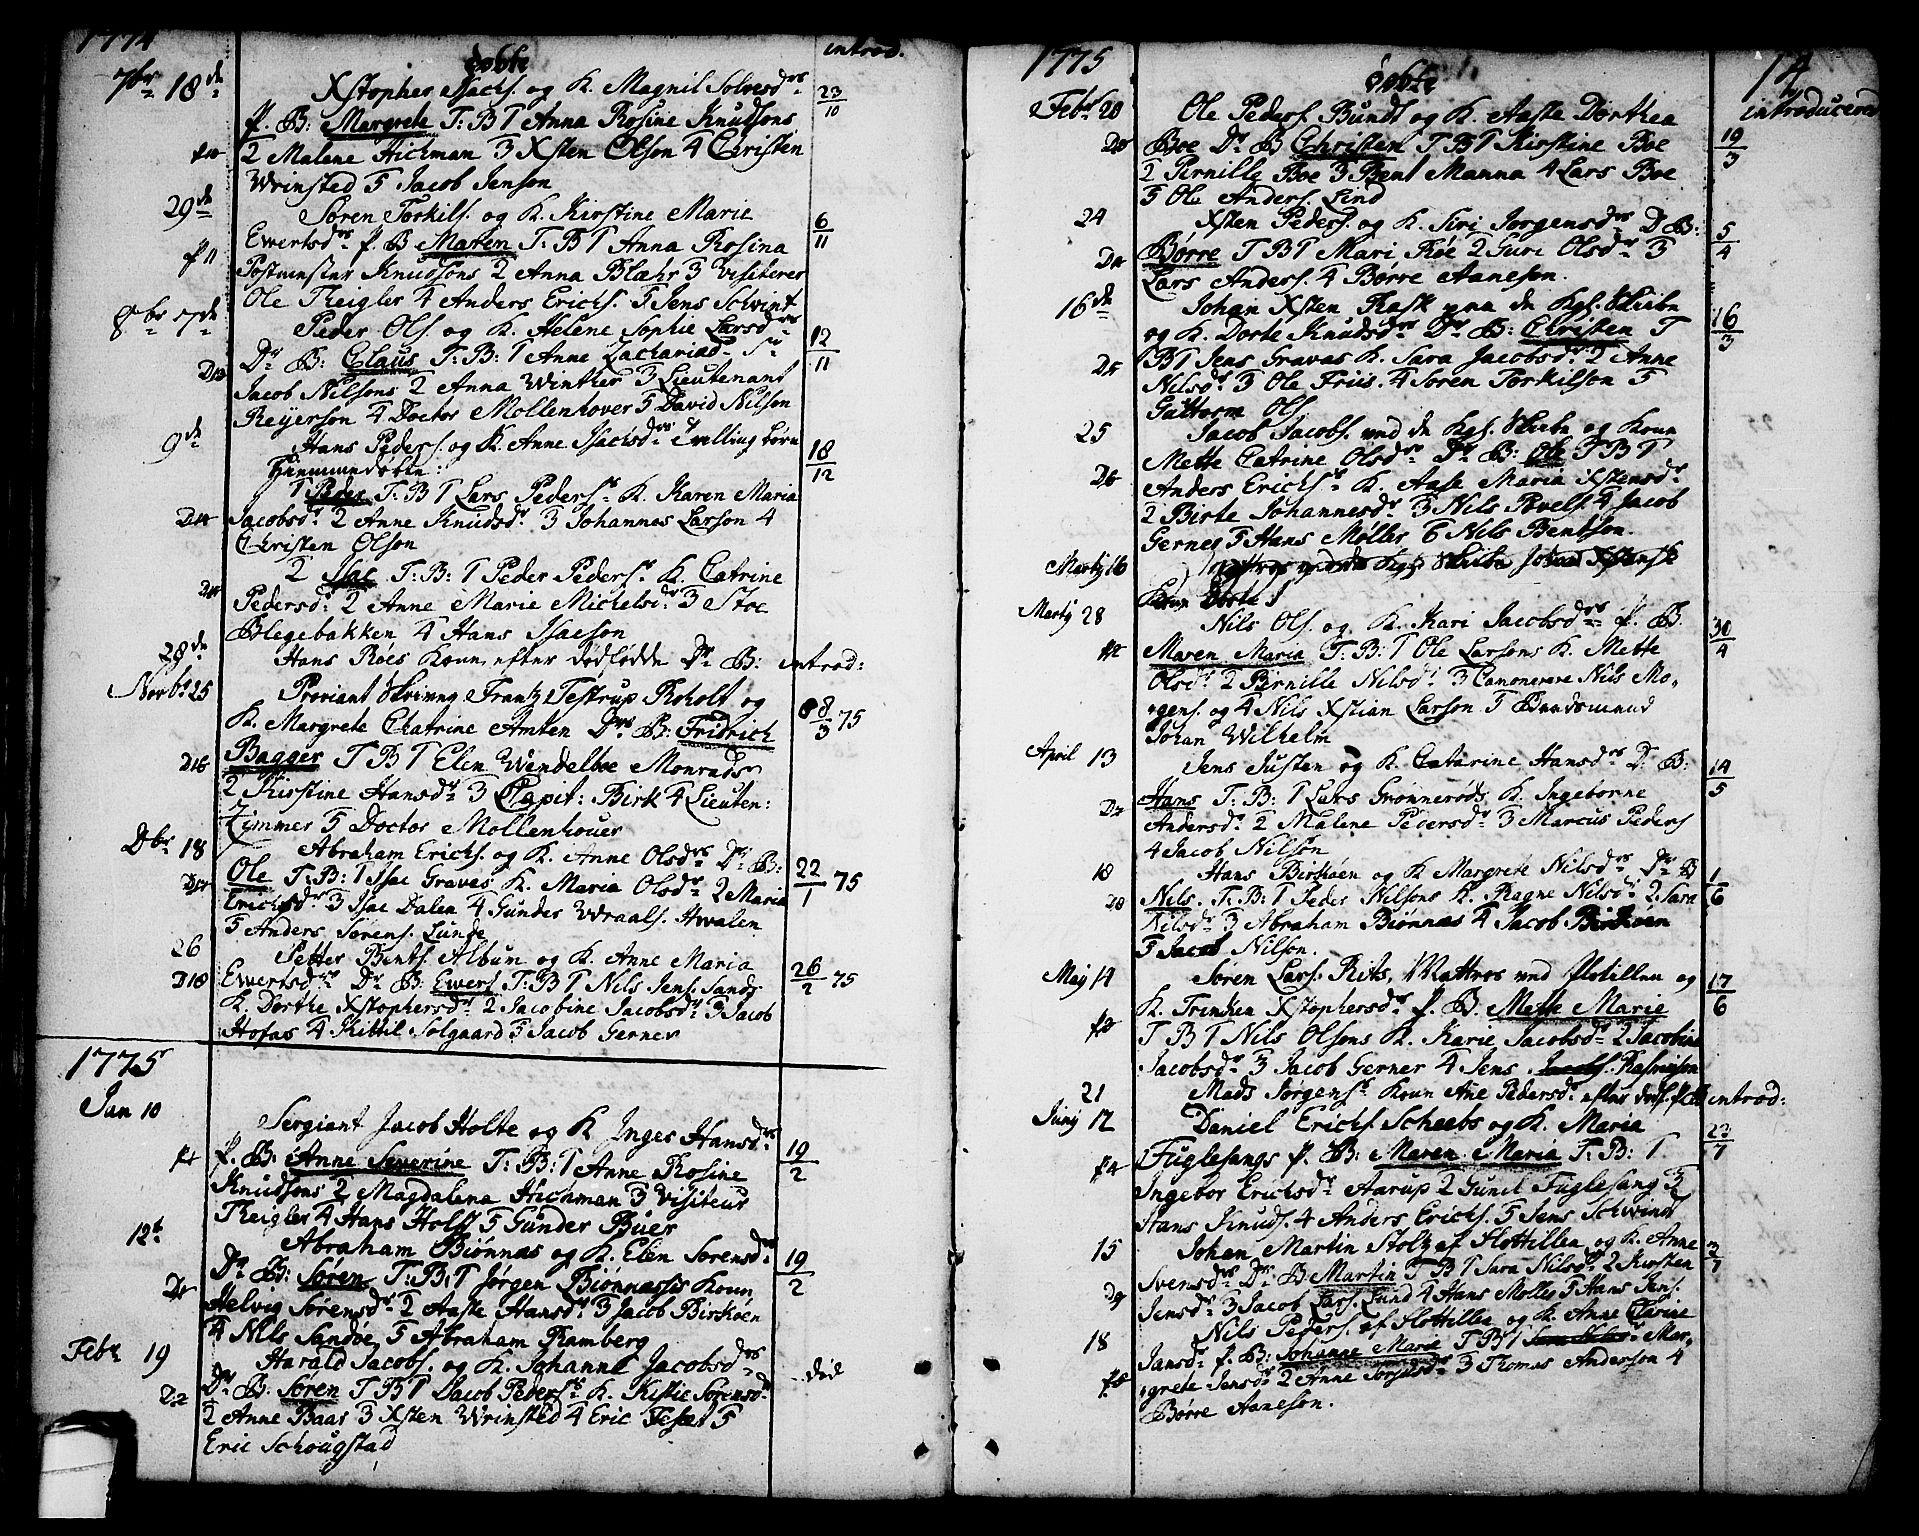 SAKO, Brevik kirkebøker, F/Fa/L0003: Ministerialbok nr. 3, 1764-1814, s. 14